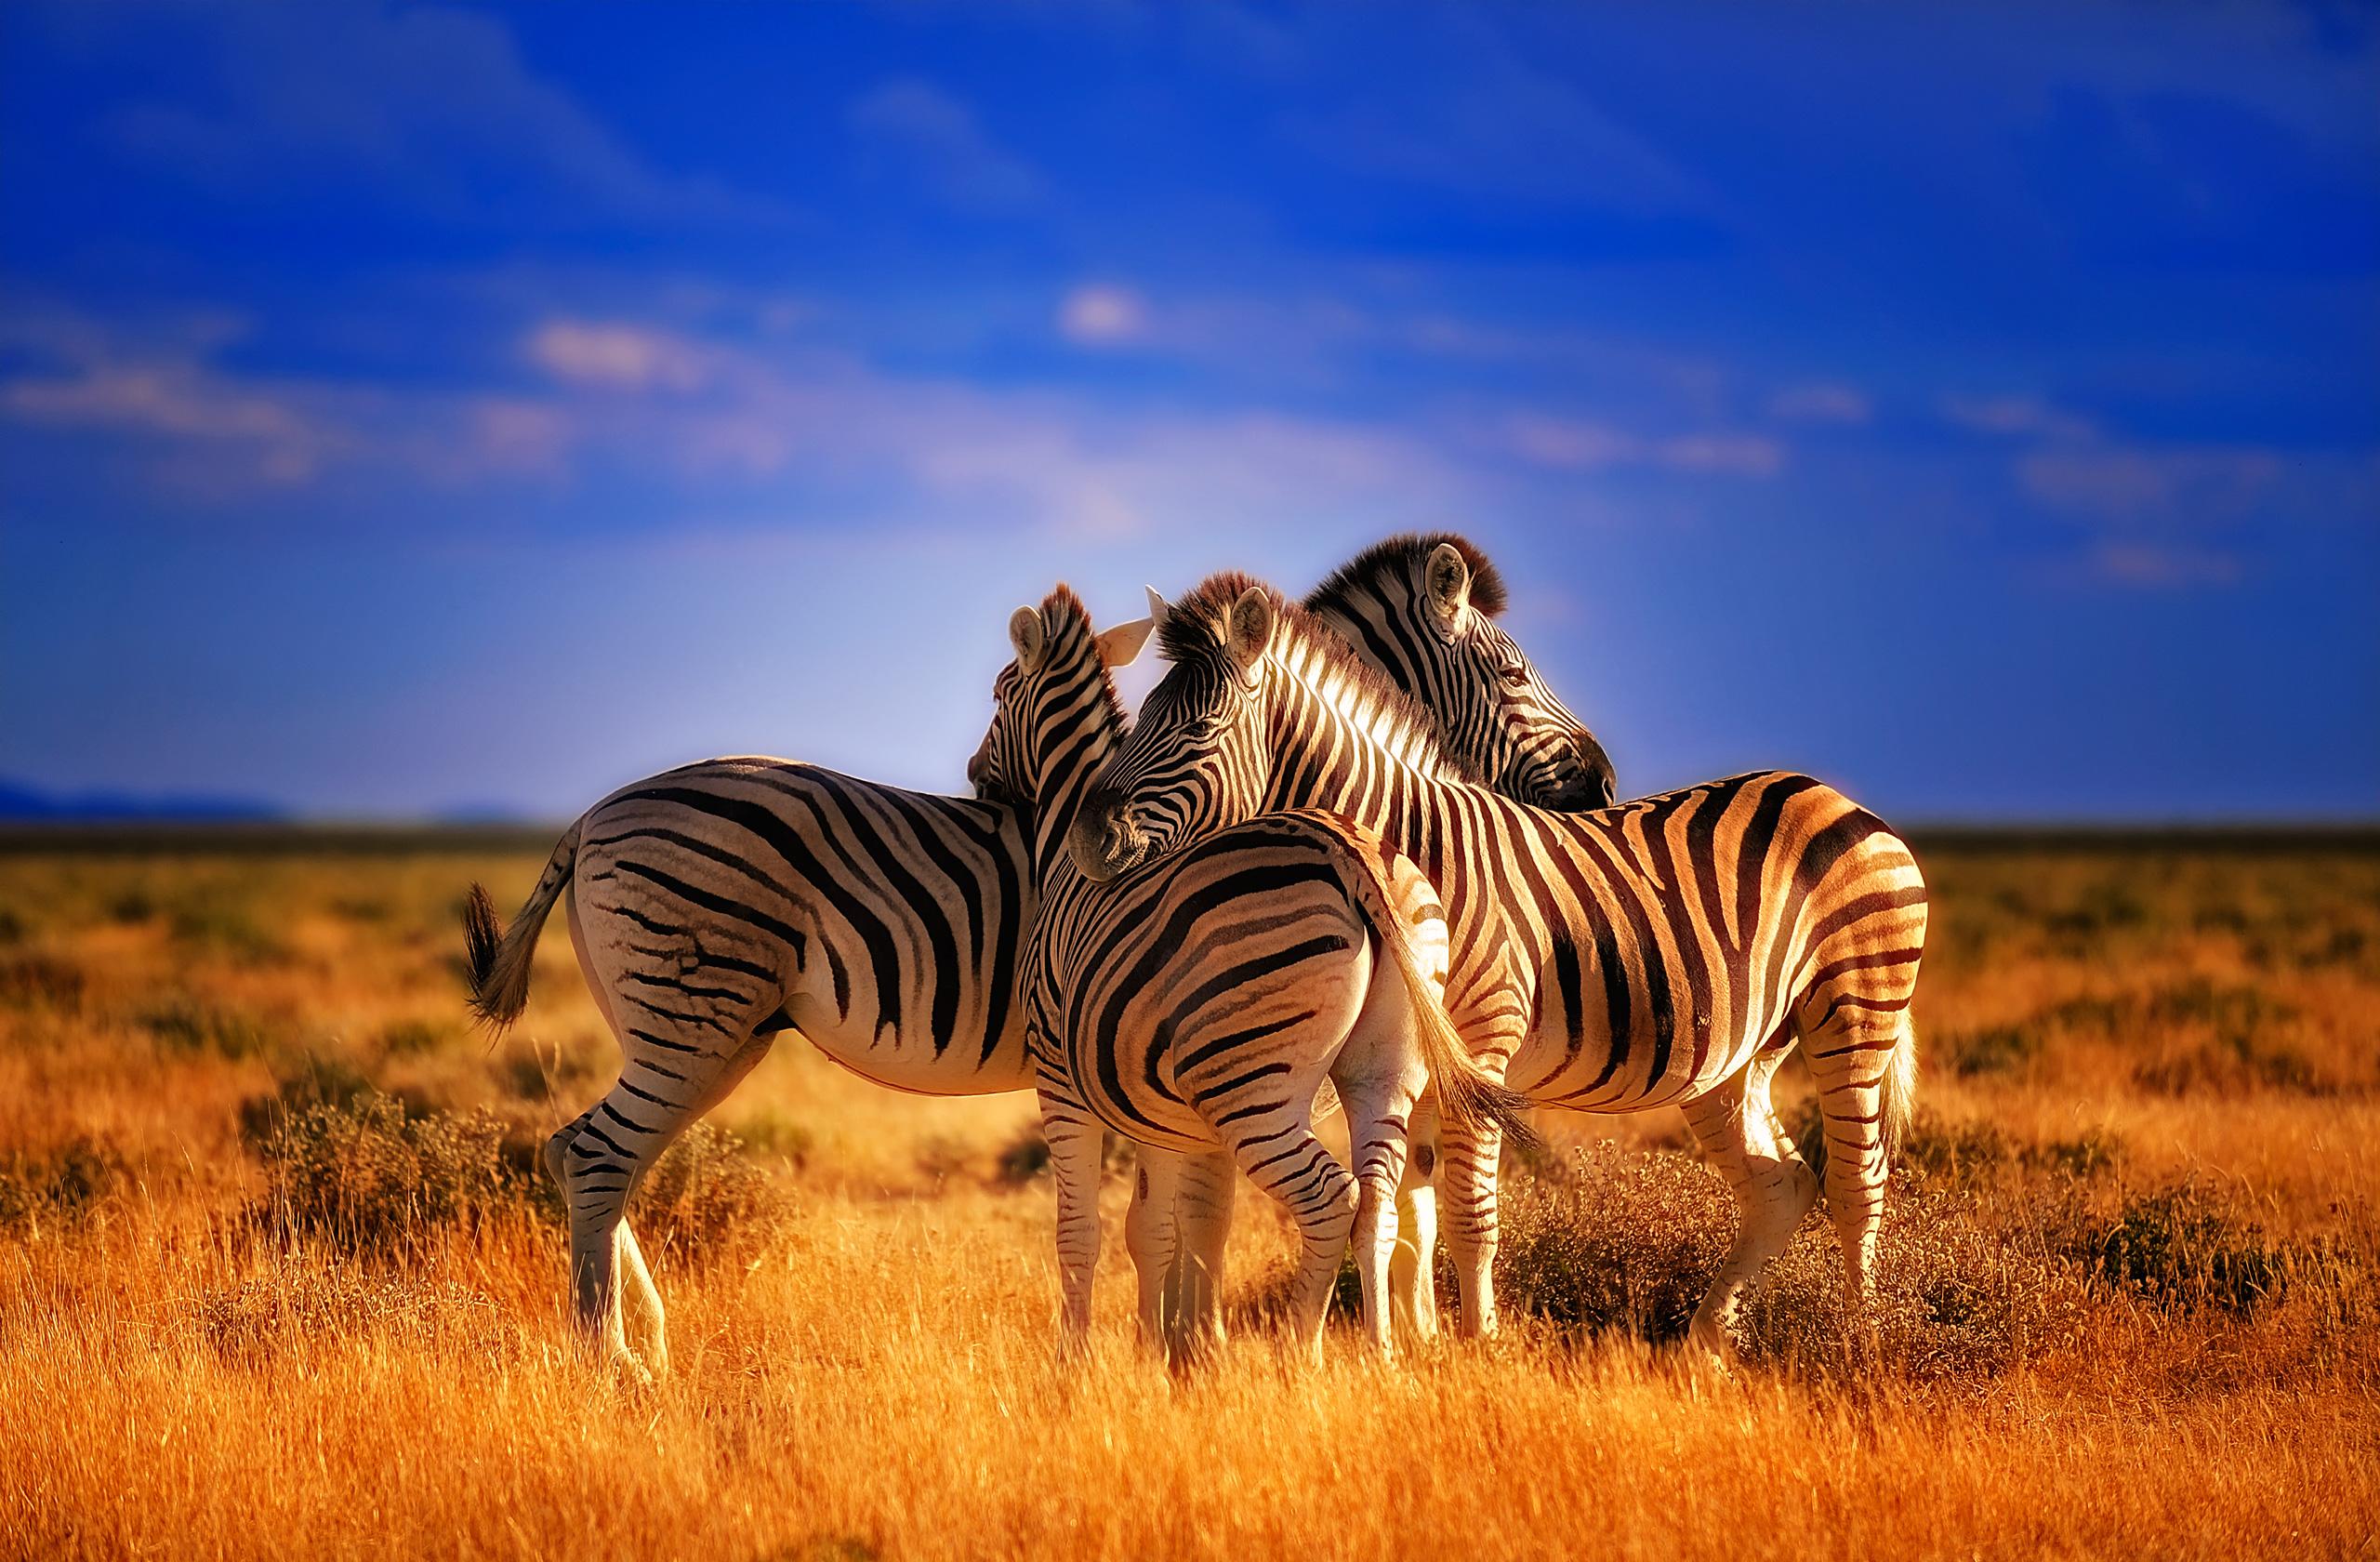 Top 5 Desktop Zebra Wallpaper Varieties